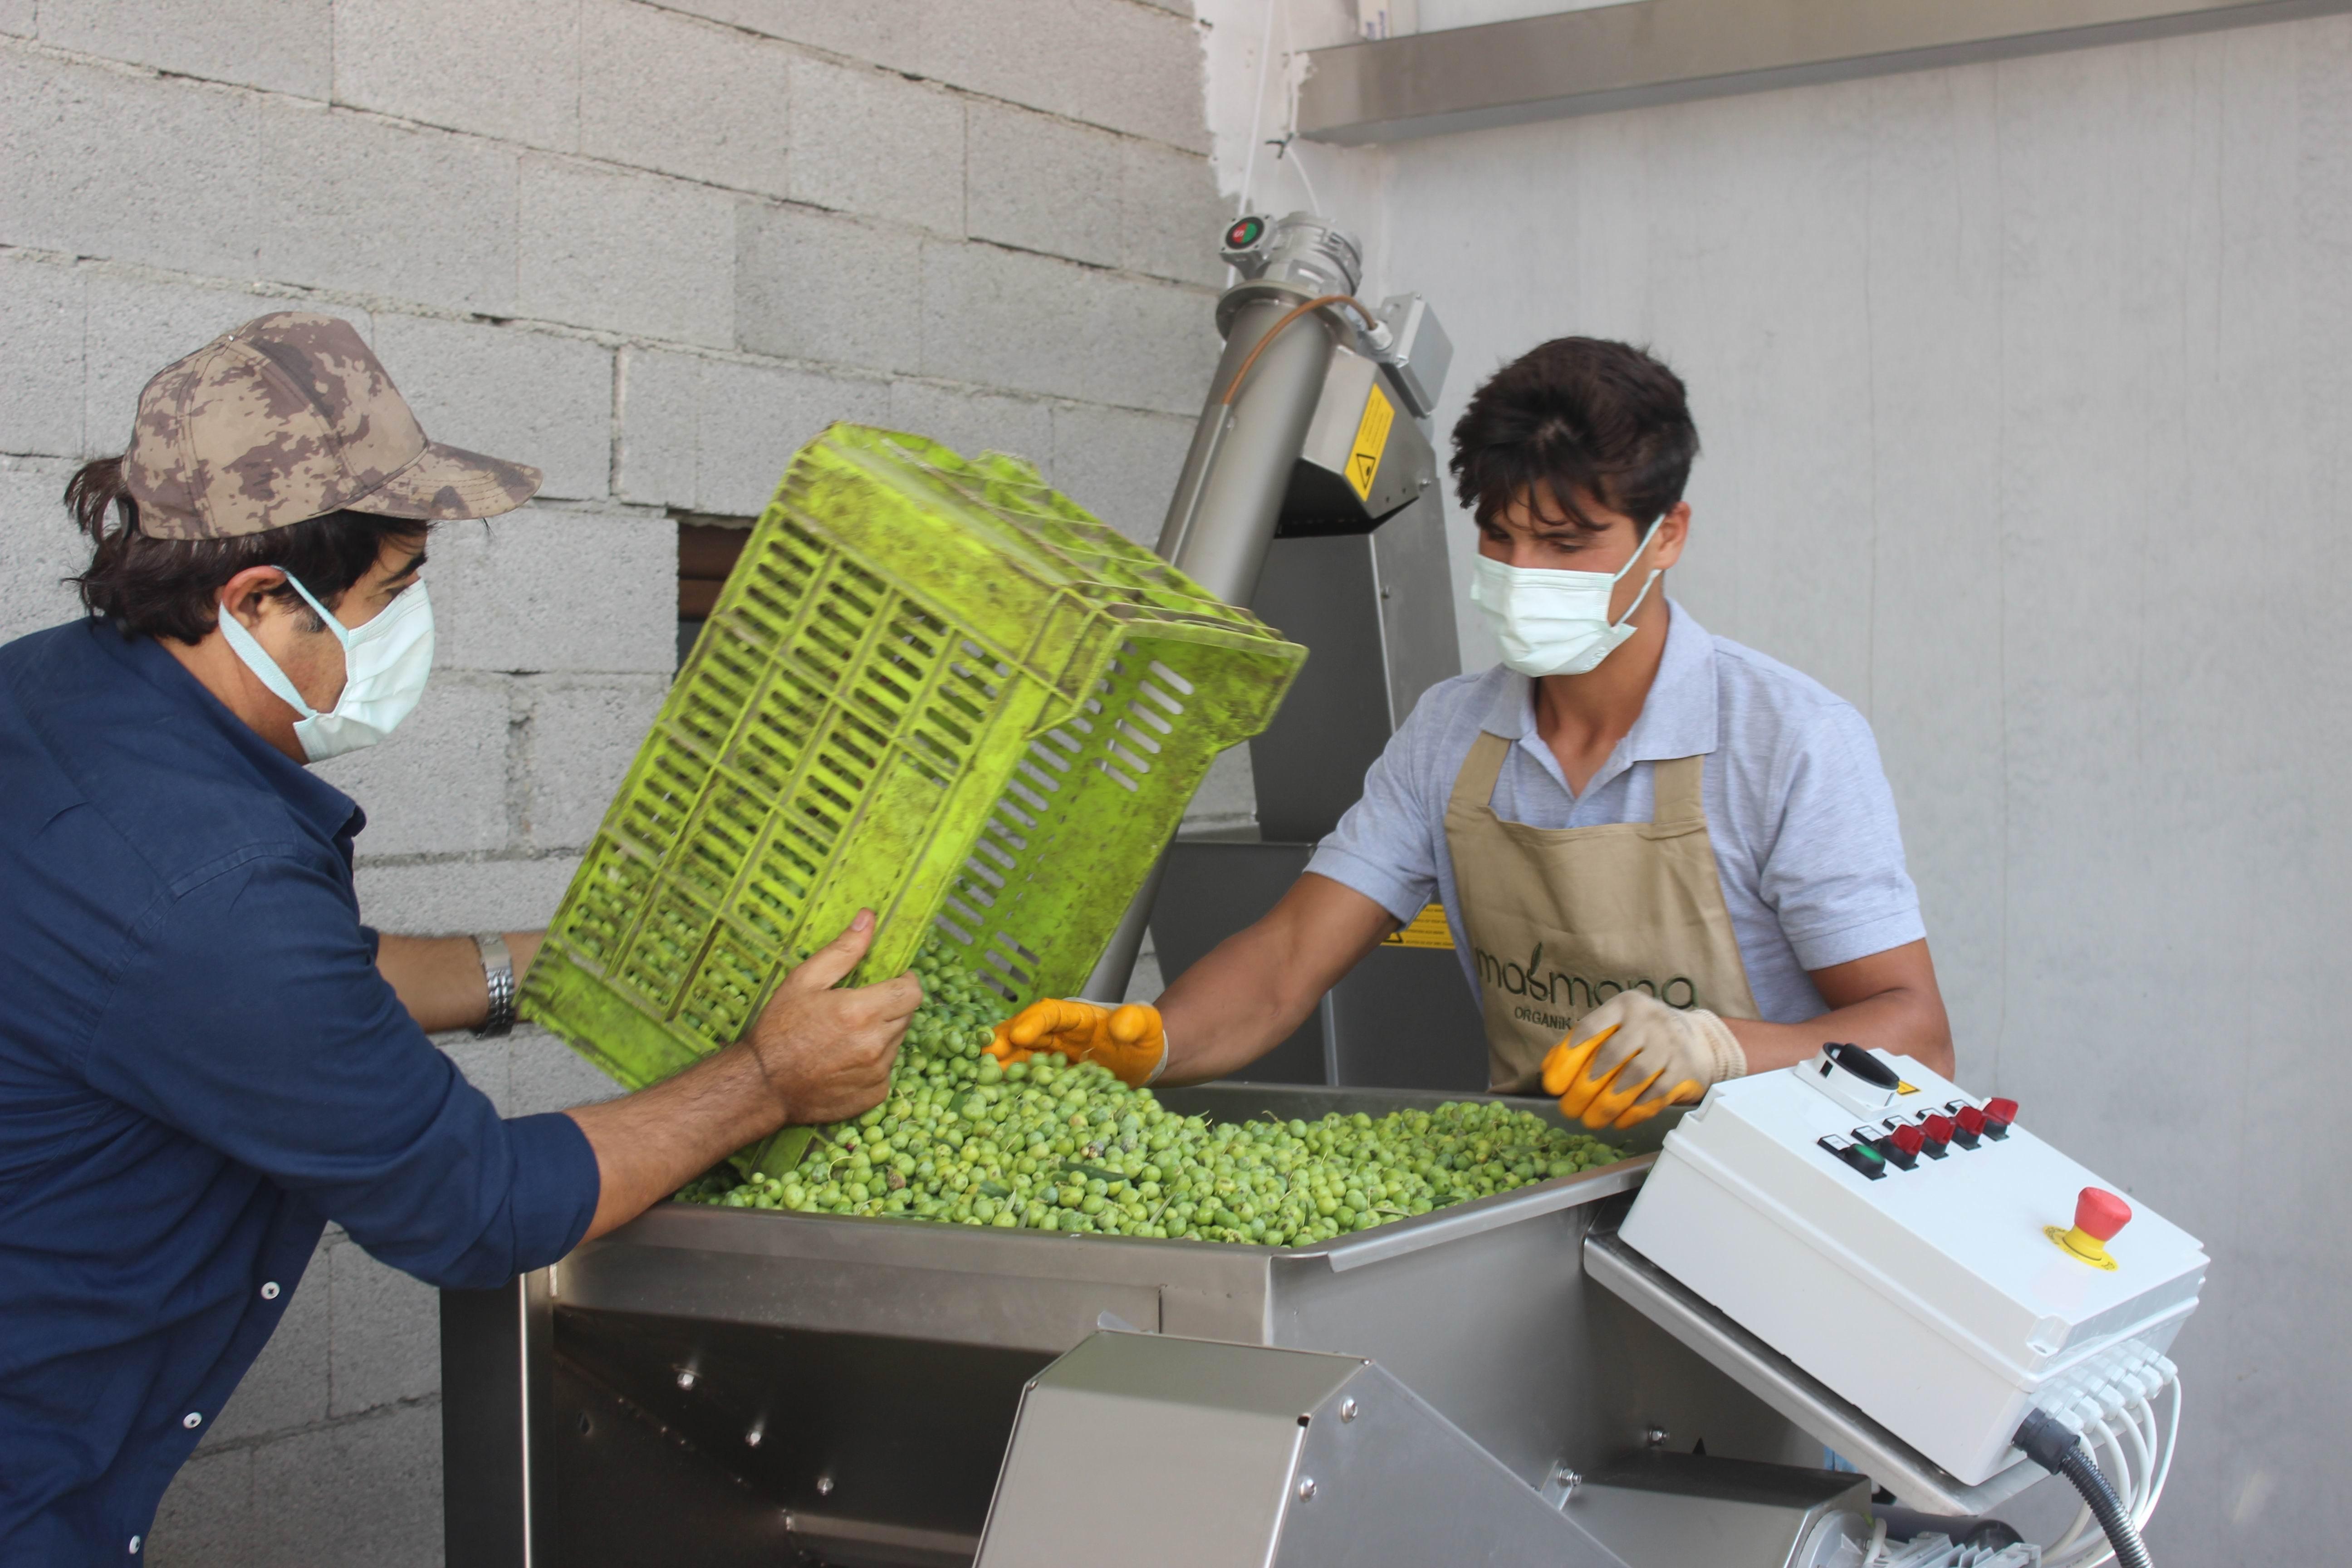 Kilis'te erken zeytin hasadı ile zeytinyağı üretimi de başladı